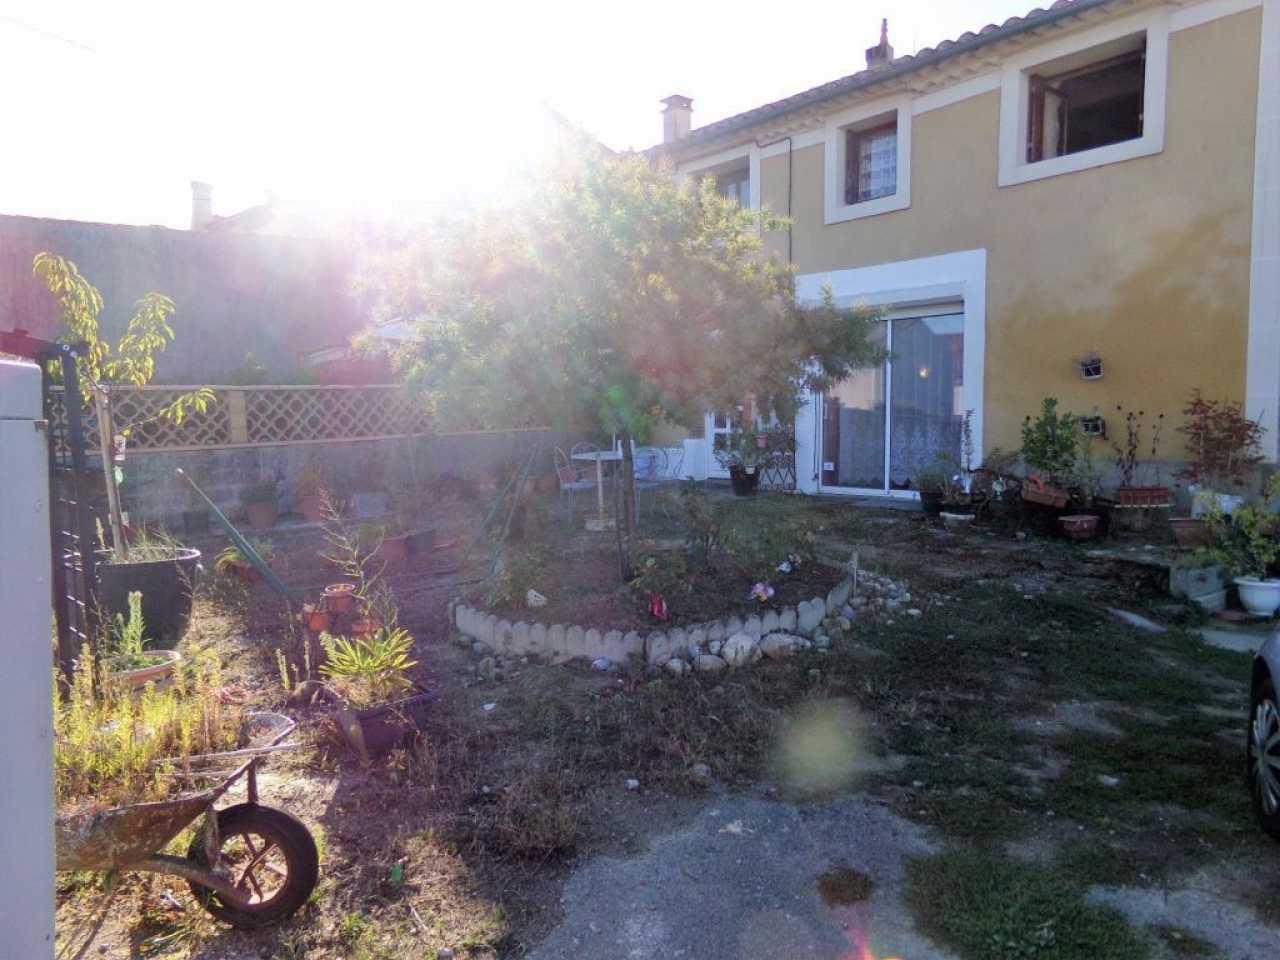 House CARCASSONNE | 141 000 €